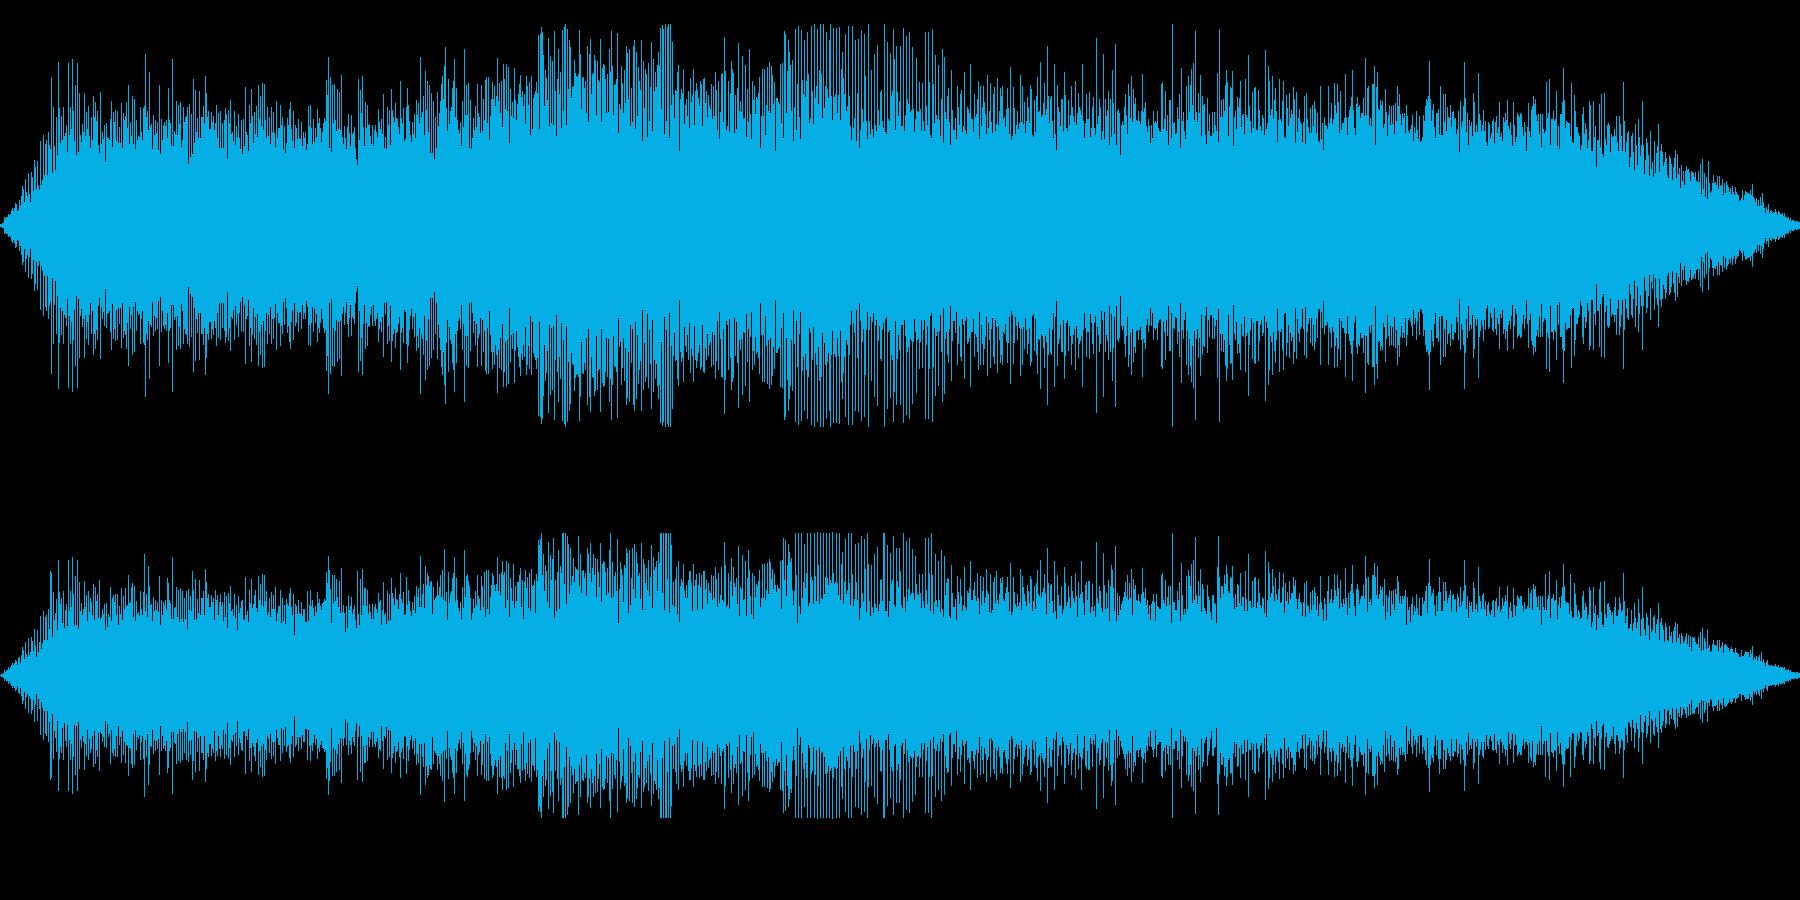 ギュイーン!チェーンソーの動作音の再生済みの波形